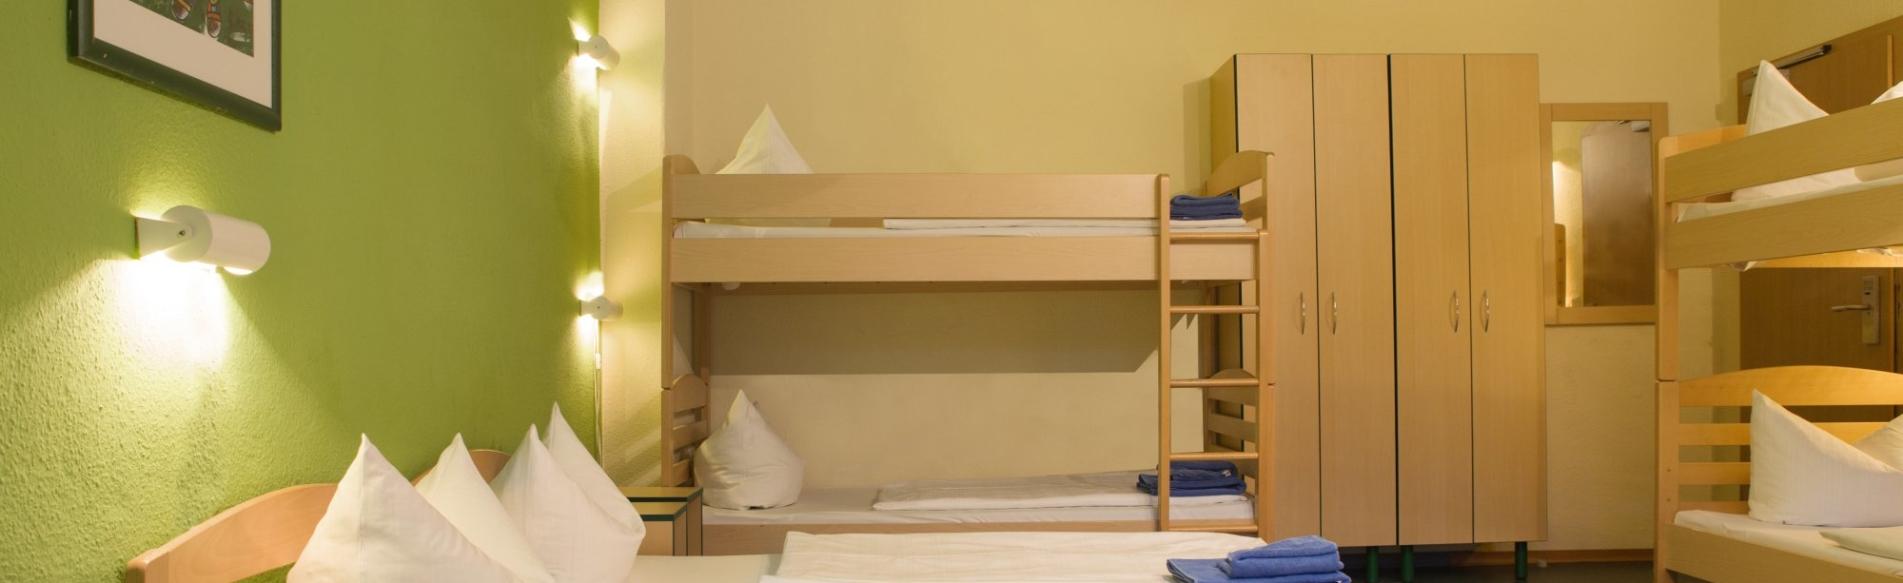 Zimmer acama hostel hotel berlin sch neberg jetzt buchen for Zimmer berlin